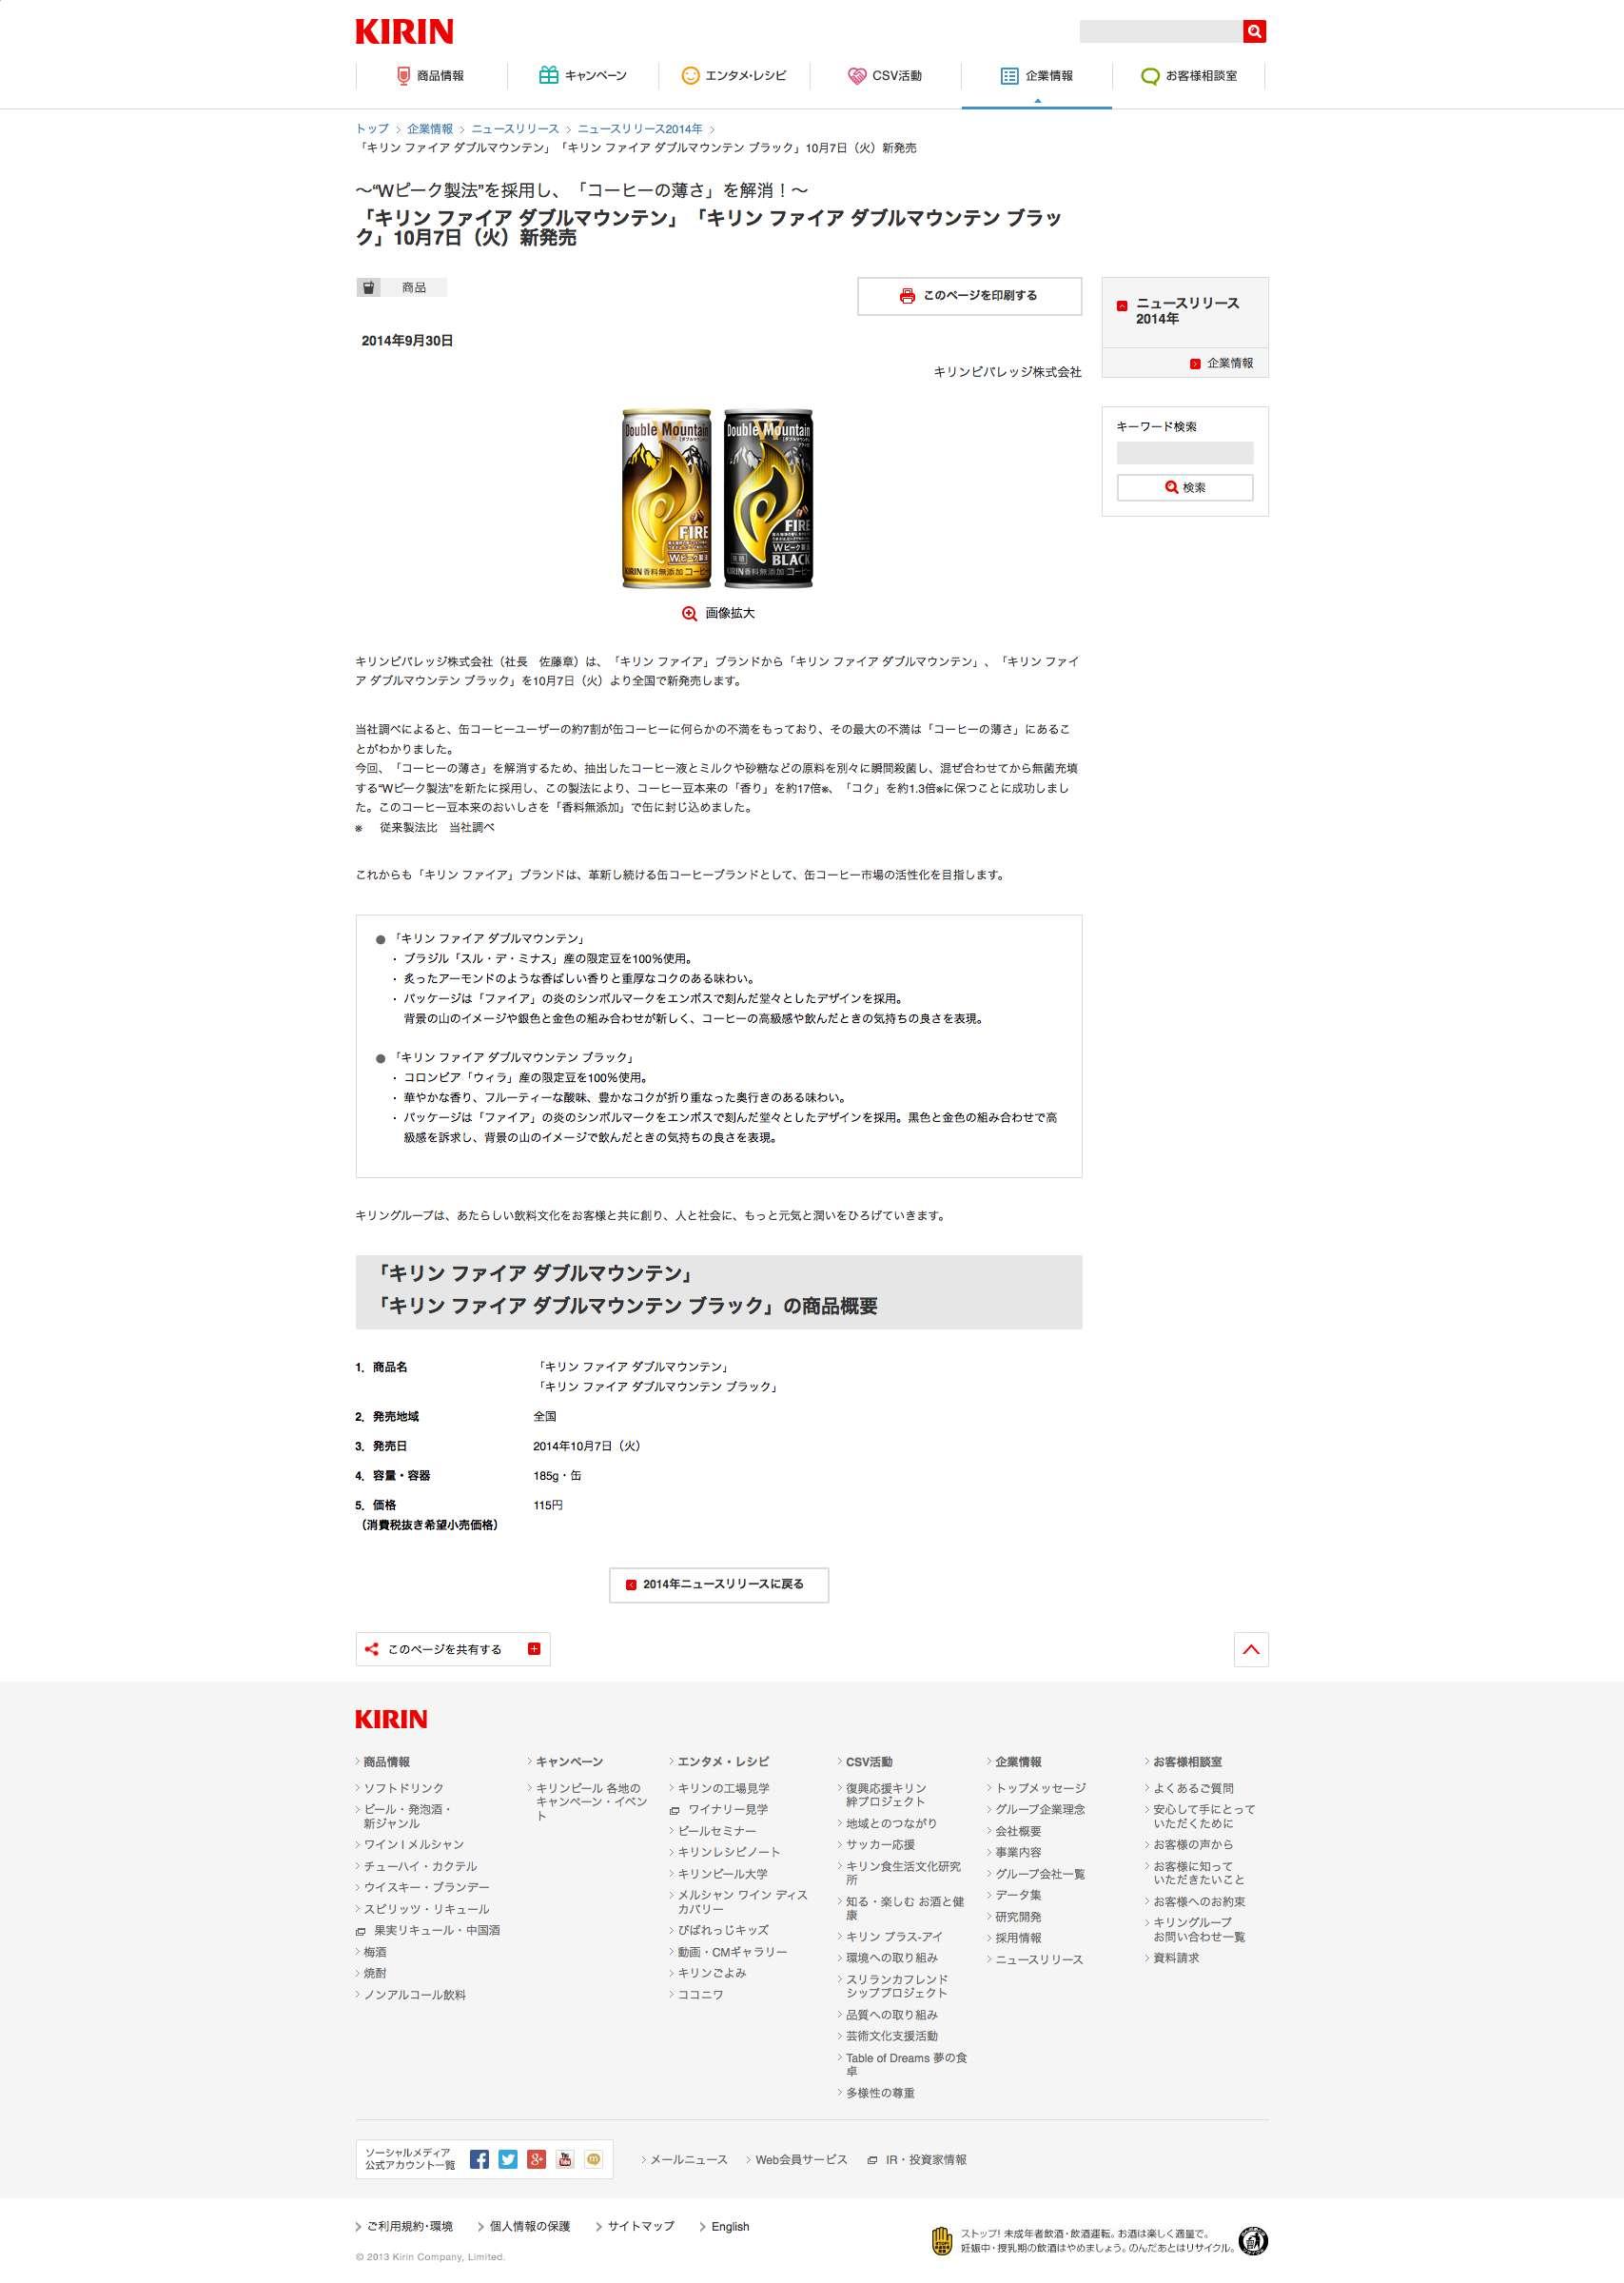 「キリン ファイア ダブルマウンテン」「キリン ファイア ダブルマウンテン ブラック」10月7日(火)新発売|2014年|ニュースリリース|キリン